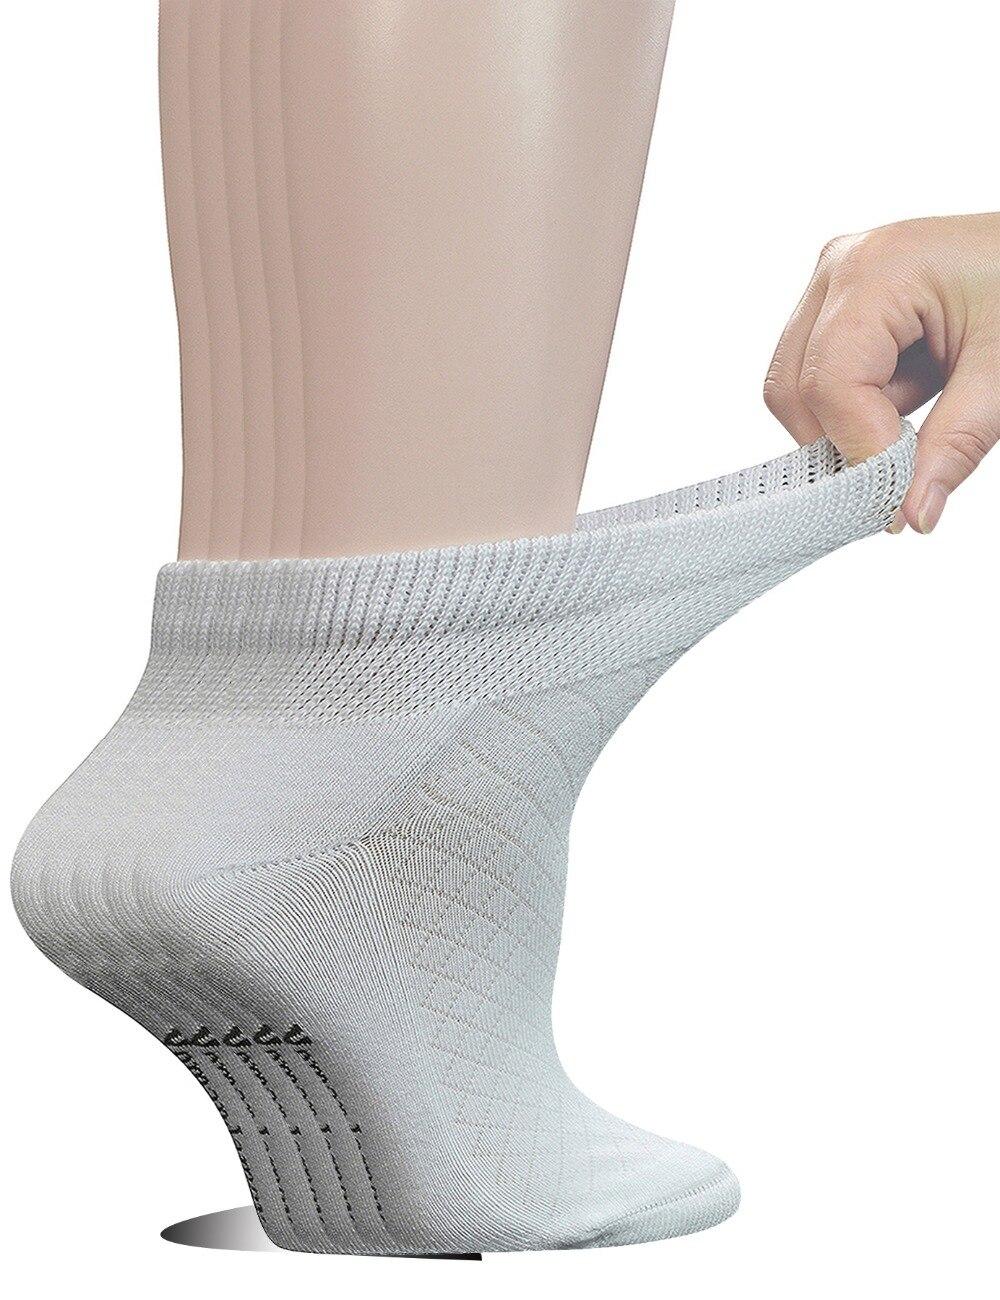 Женские хлопковые сетчатые носки до щиколотки, 5 пар дышащих сетчатых носков с бесшовным носком, размер L